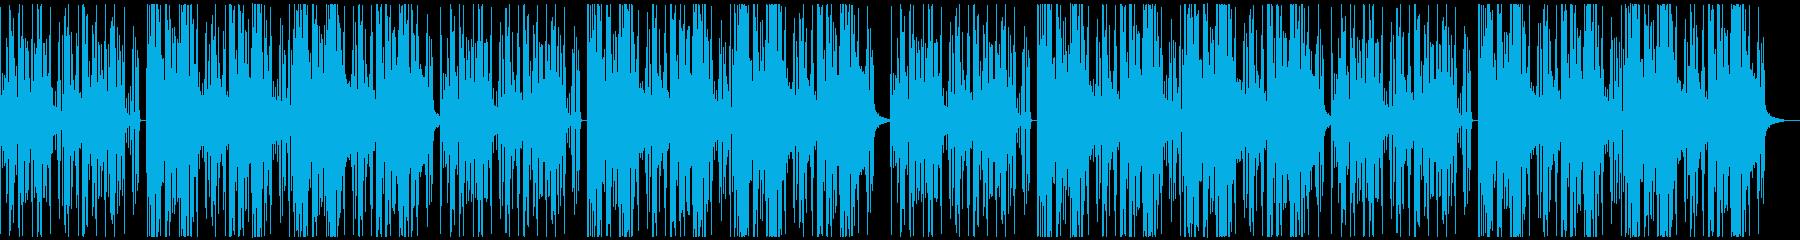 【チル】ゆったりとしたBGM・5の再生済みの波形